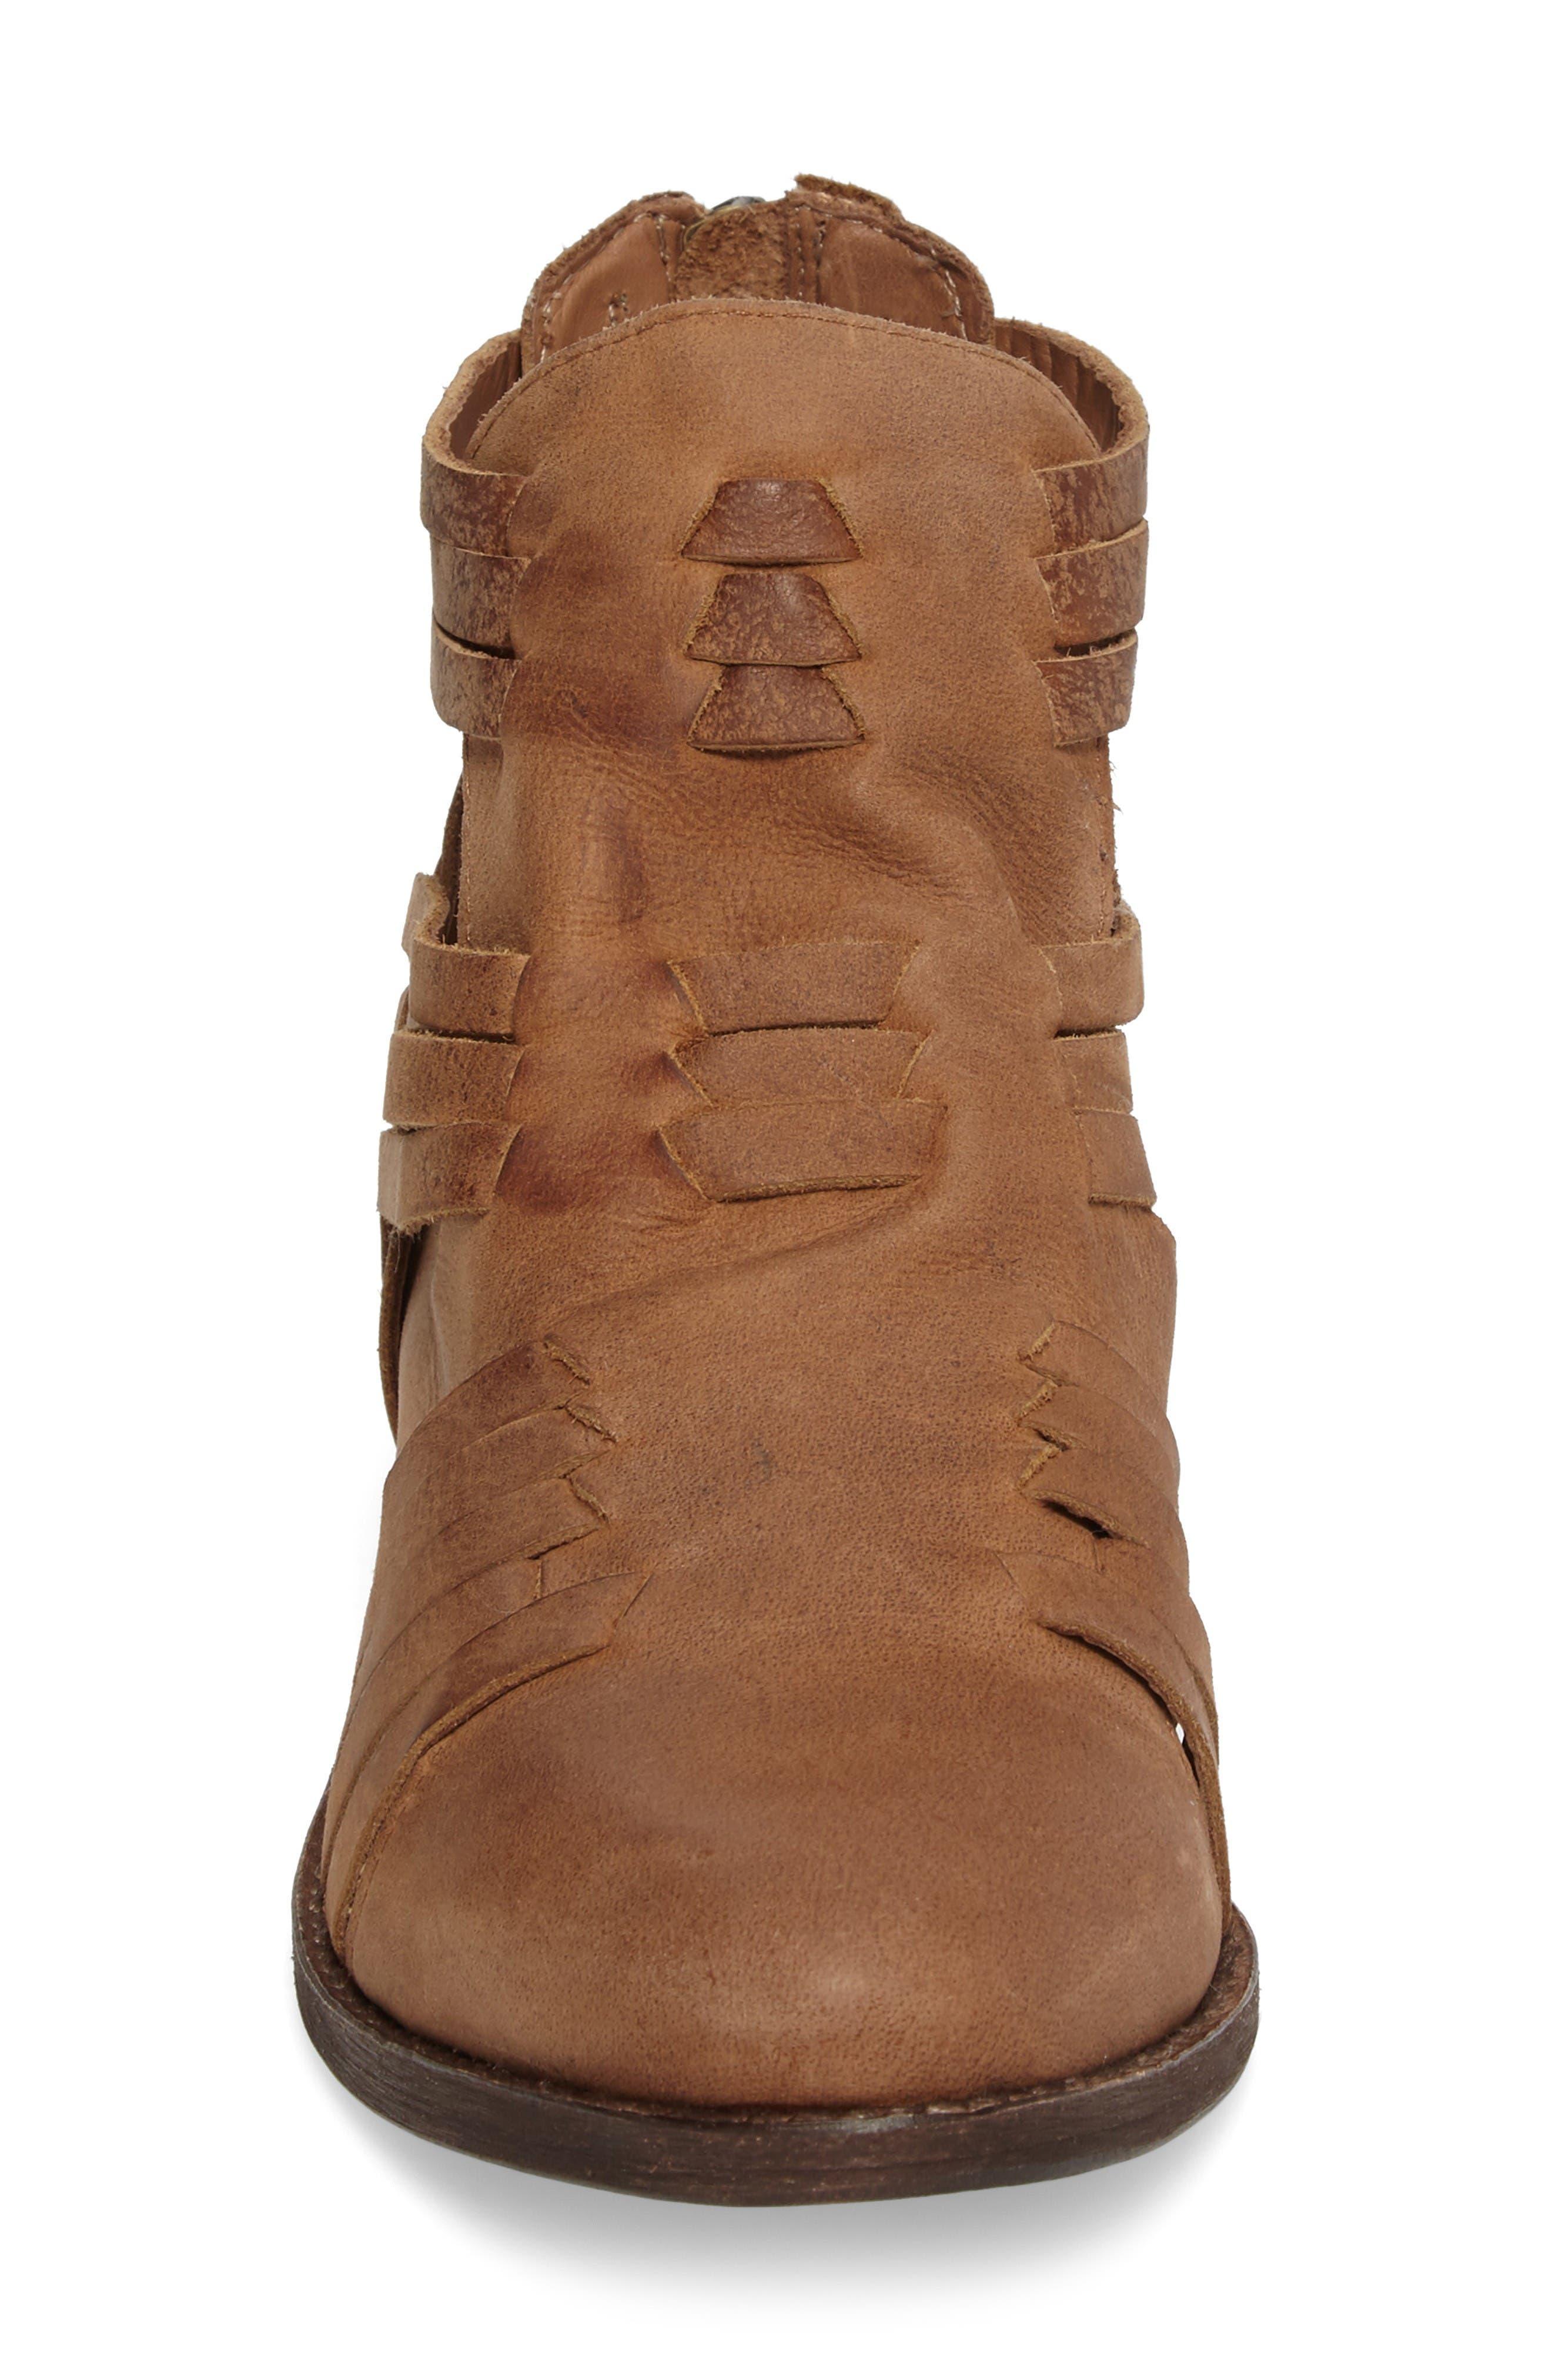 Fairuz Bootie,                             Alternate thumbnail 4, color,                             Tan Leather